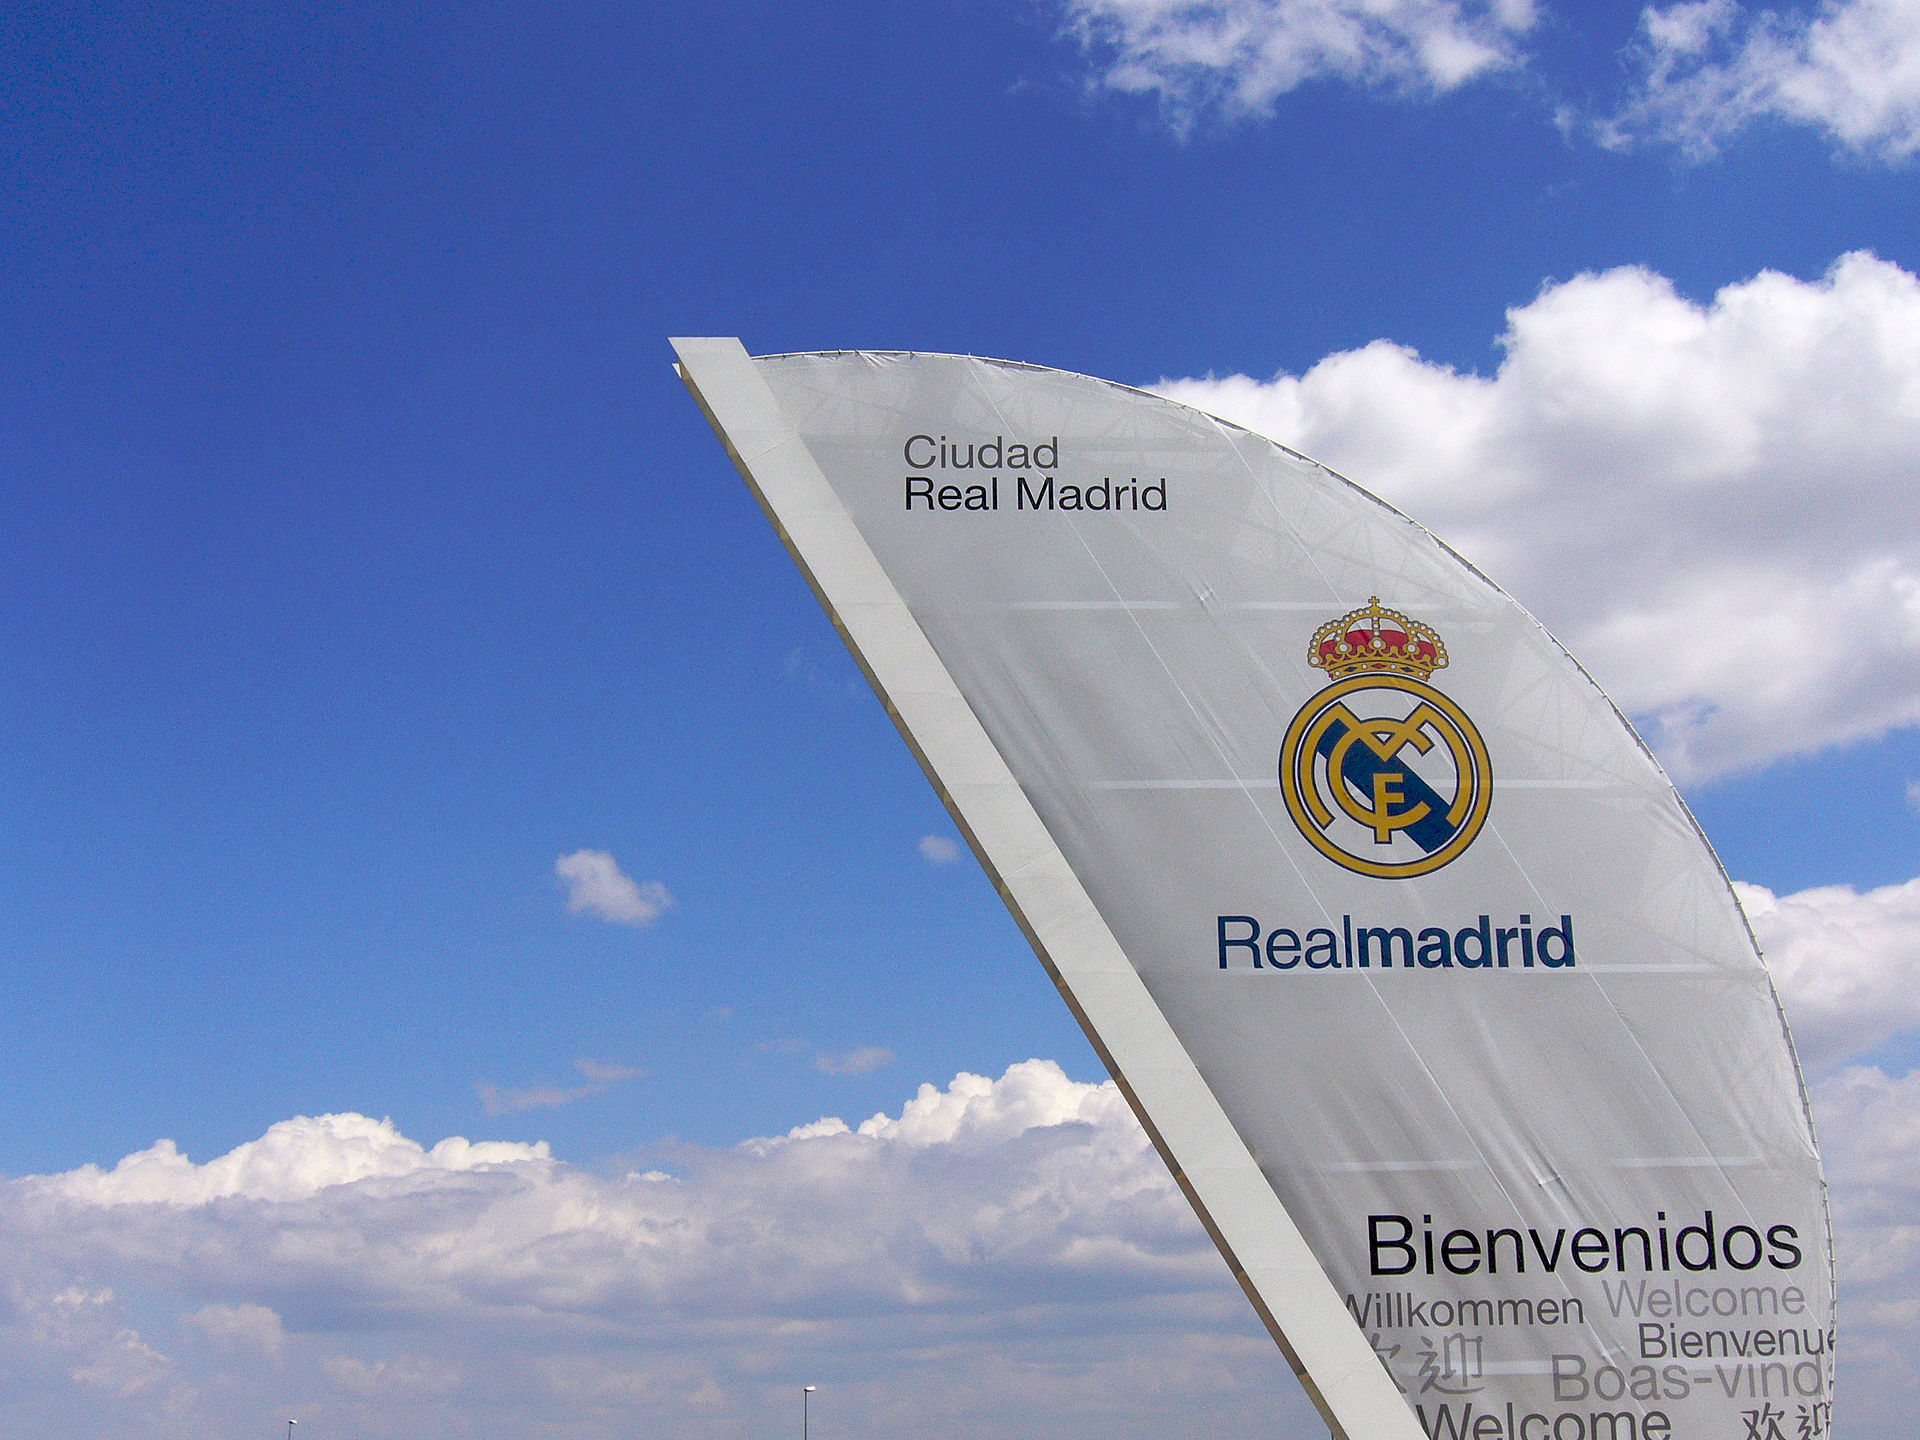 Ciudad Real Madrid - Wikipedia  Ciudad Real Mad...